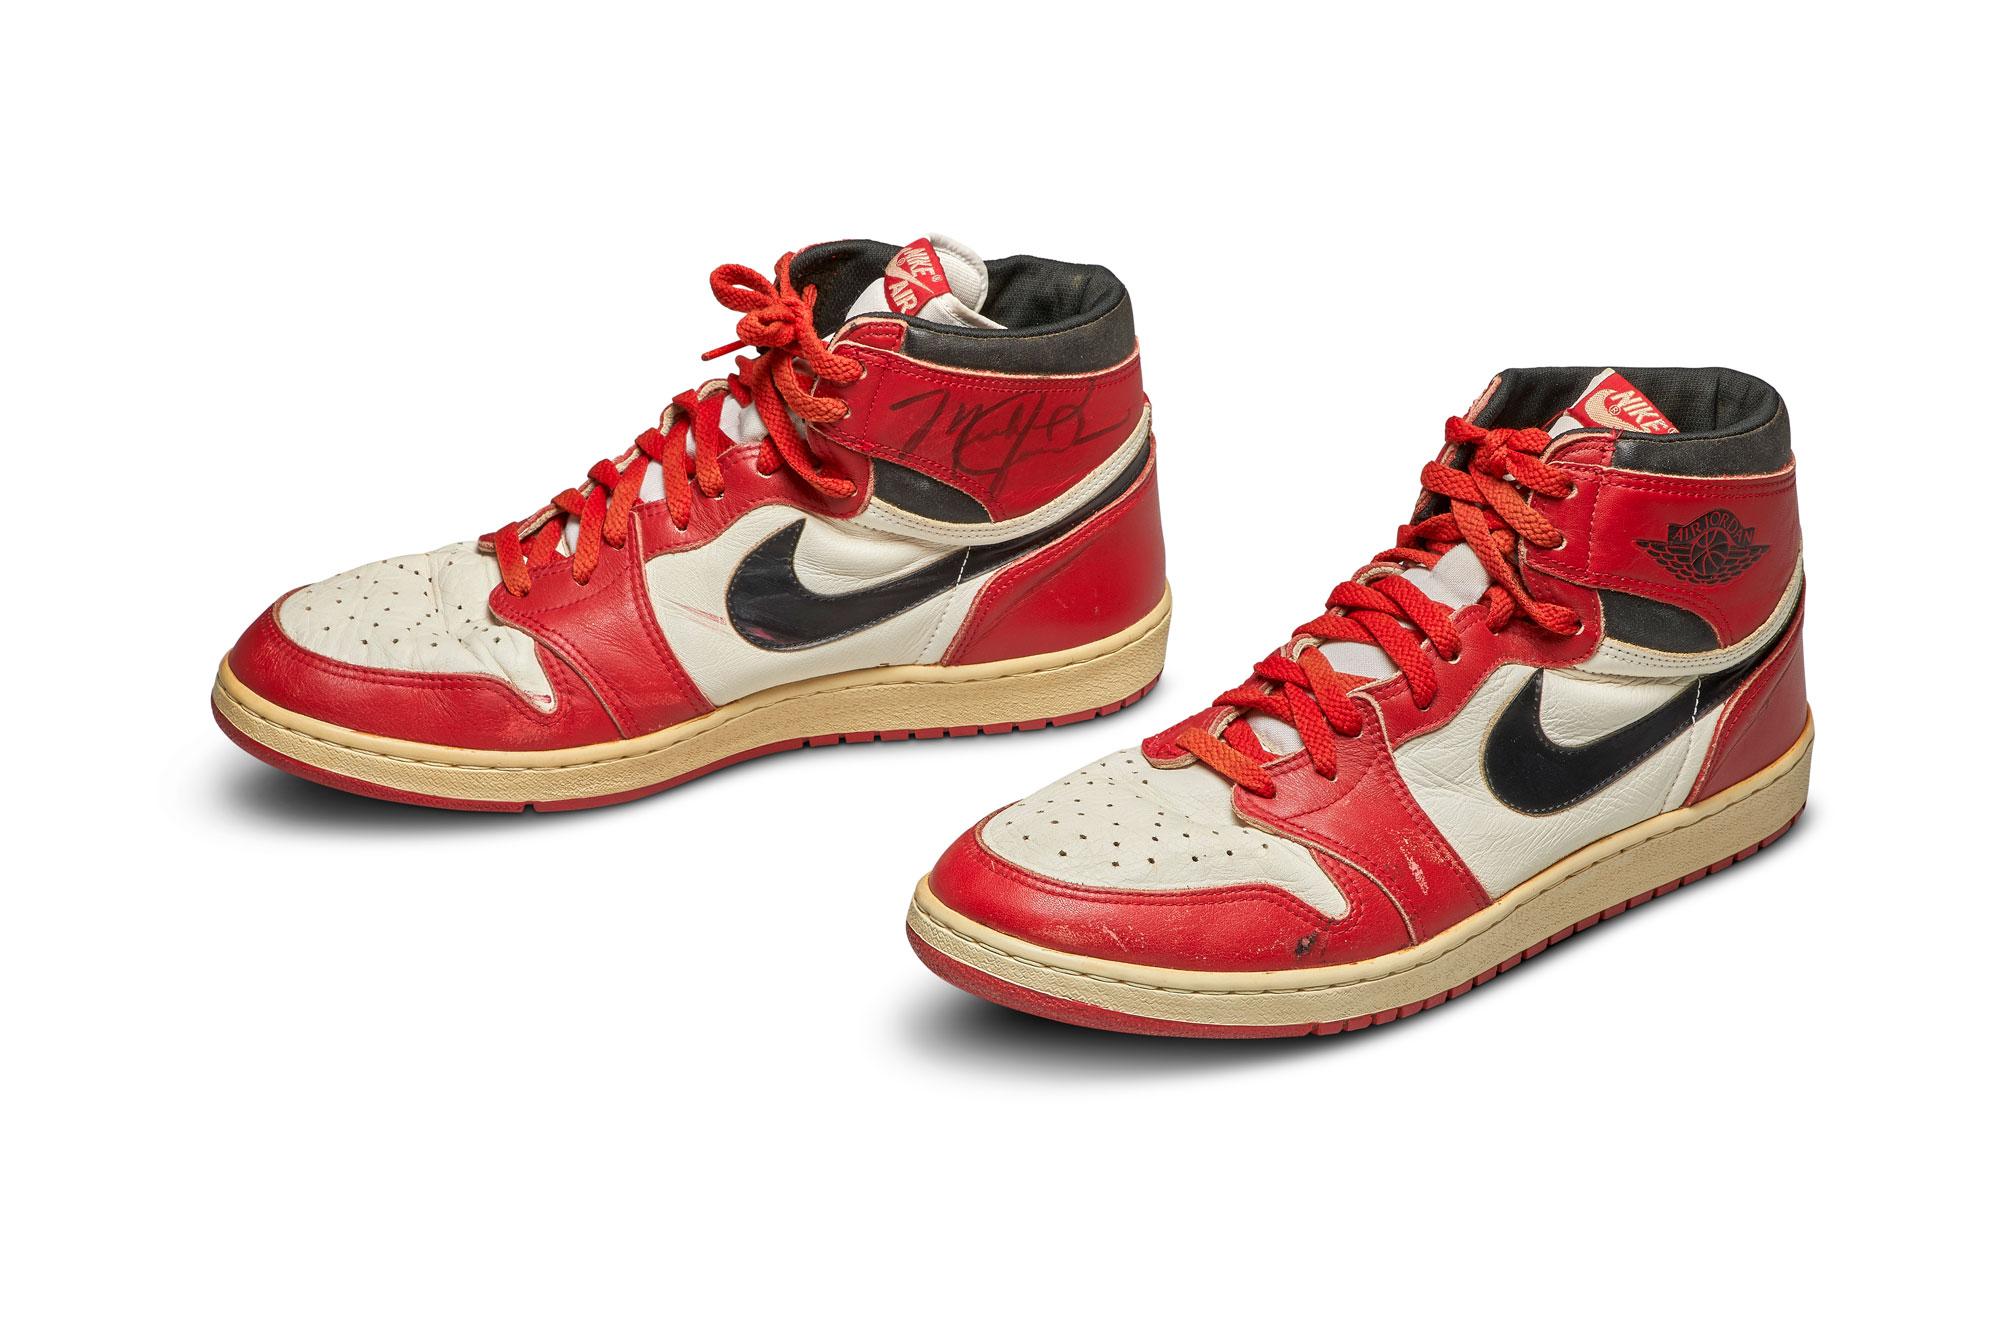 Nike Air Jordan 1s From 1985